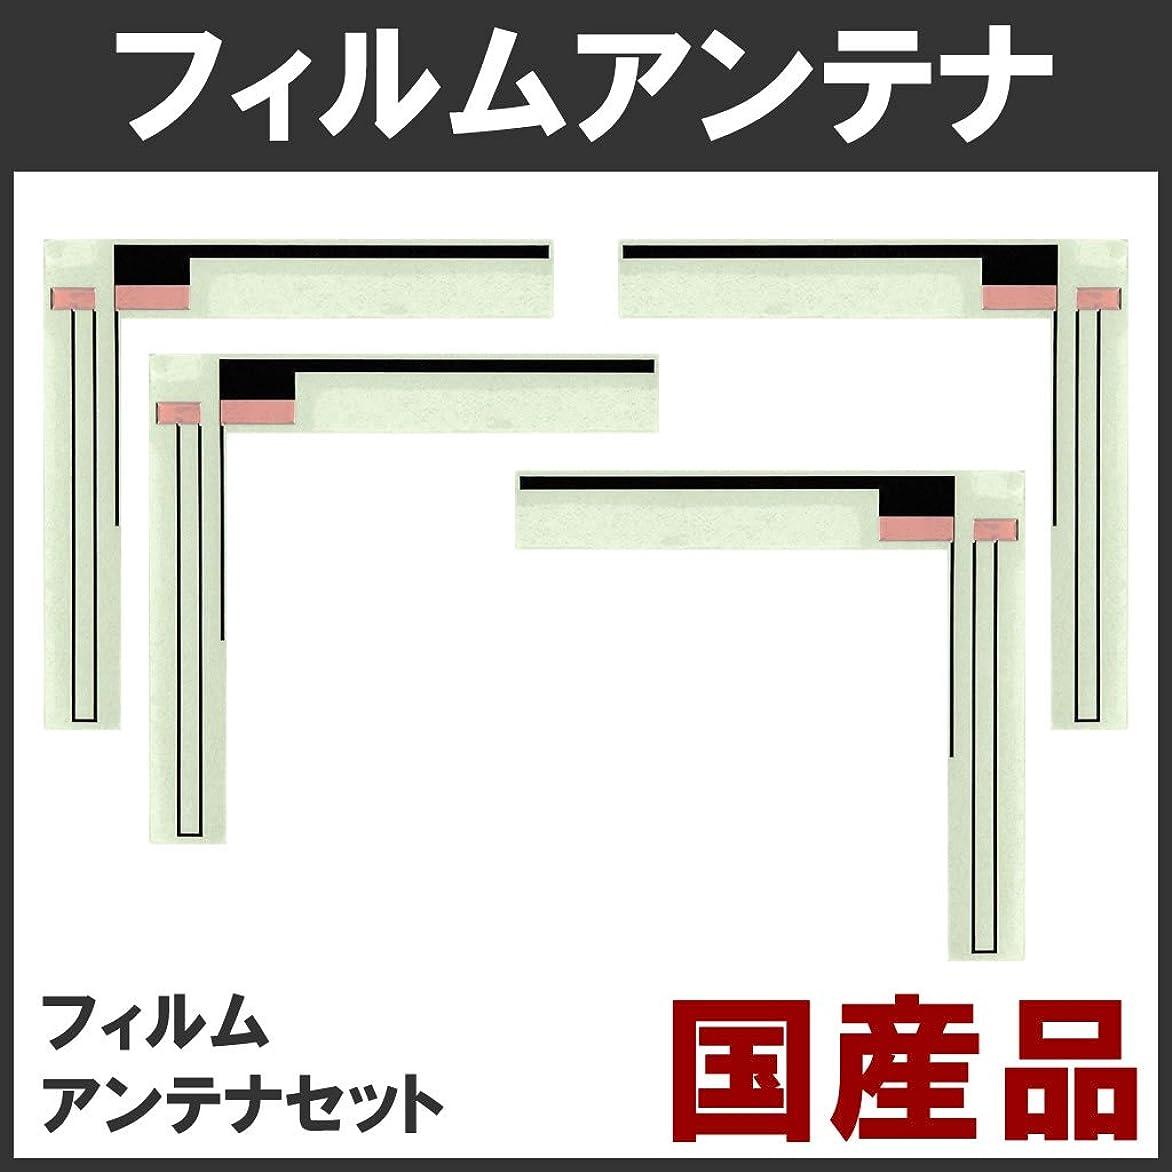 人工的な消費タイプDIATONE SOUND. NAVI NR-MZ90 対応 高感度フィルムアンテナ(三菱電機) [ L型 4枚 ]